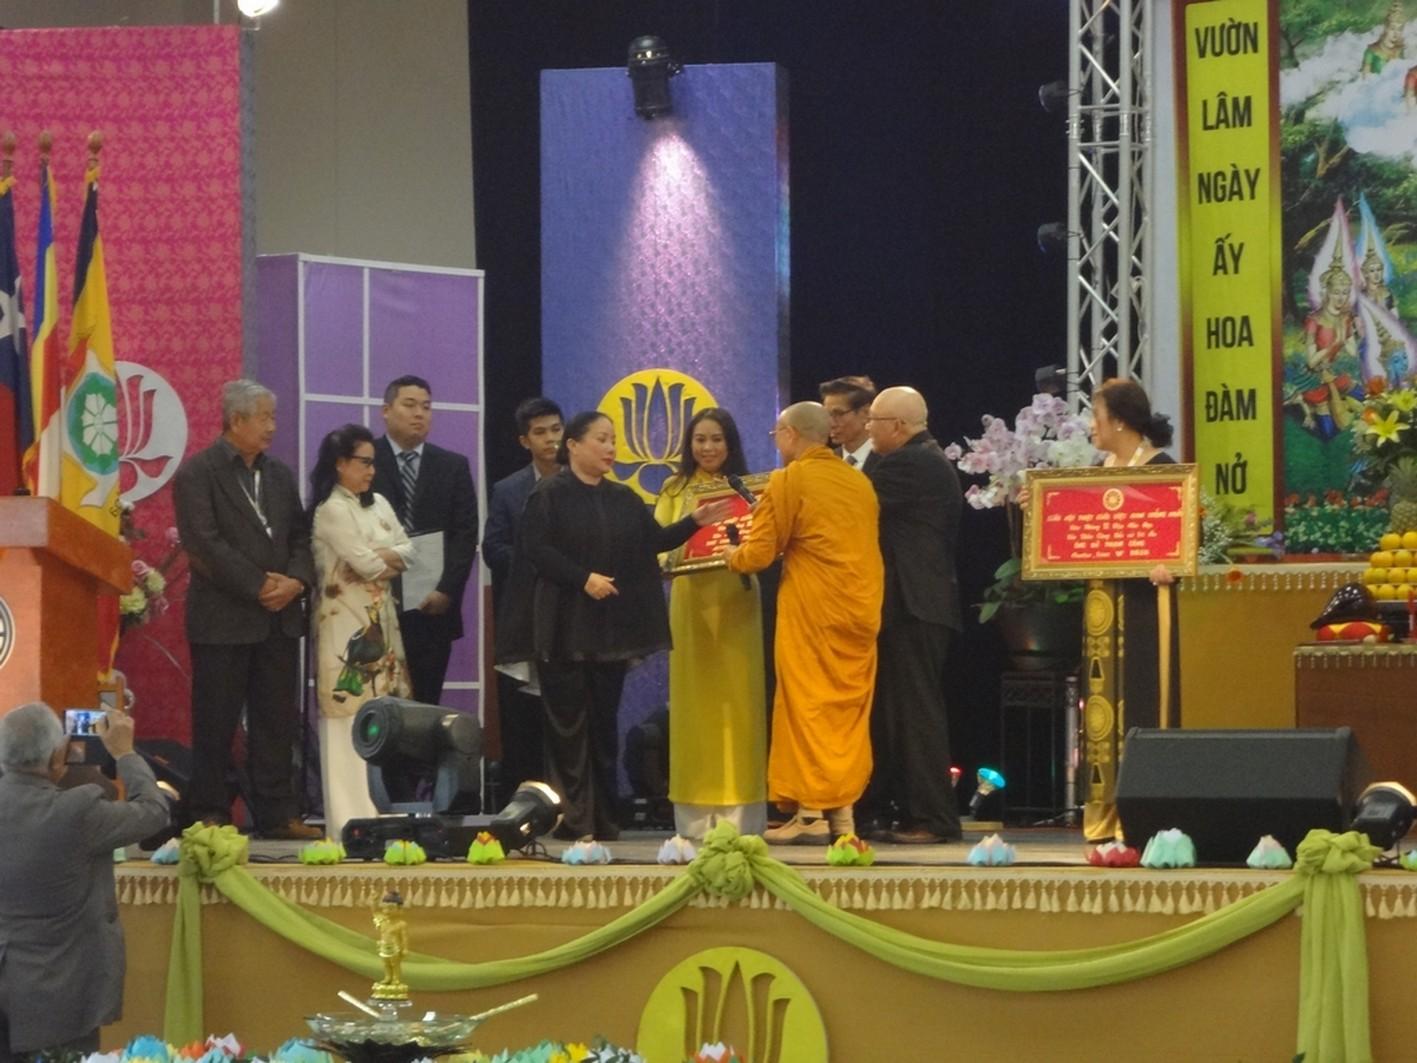 Hòa thượng Thích Huyền Việt trao bằng tưởng lệ và tri ân Tổ hợp Luật sư The Tammy Tran Law Firm